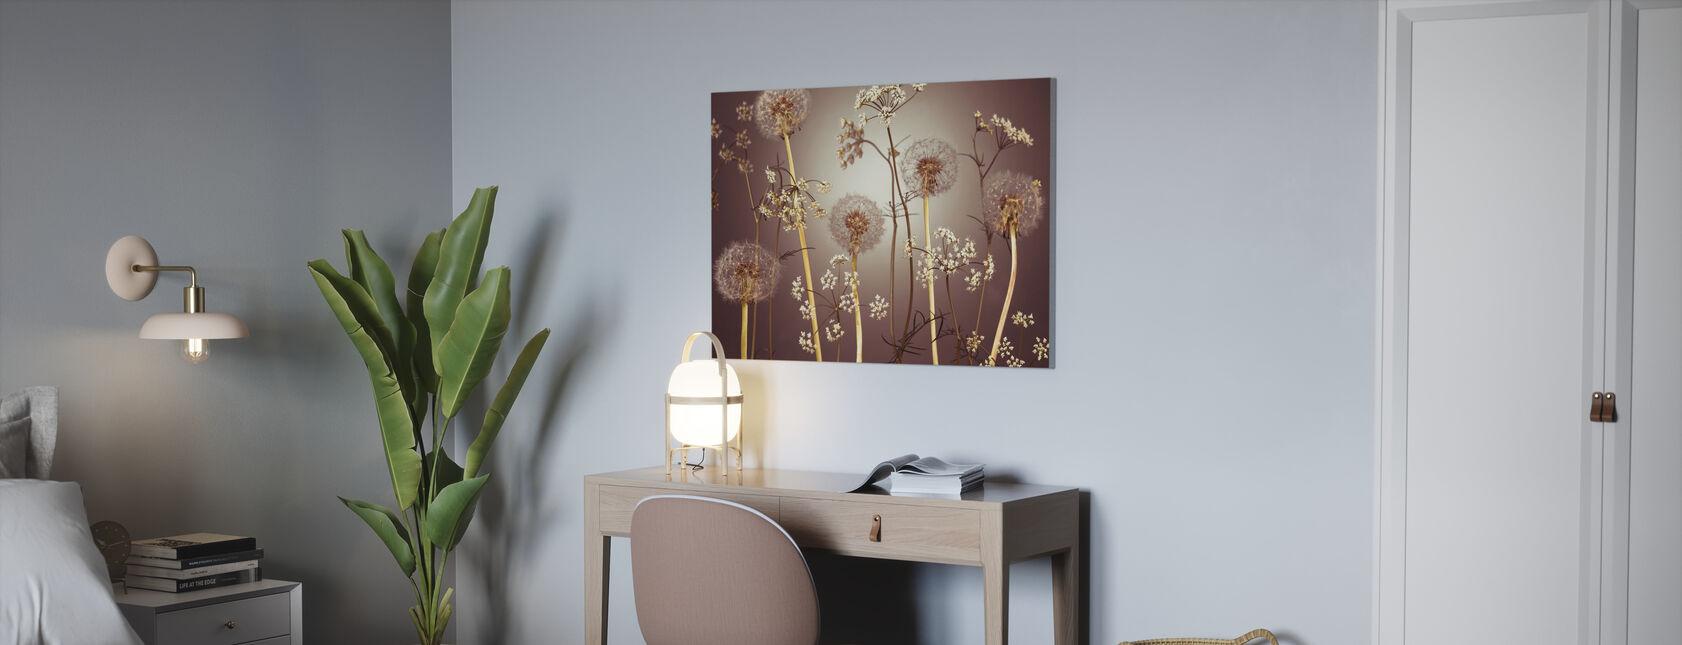 Weide Bloemen - Hazel - Canvas print - Kantoor